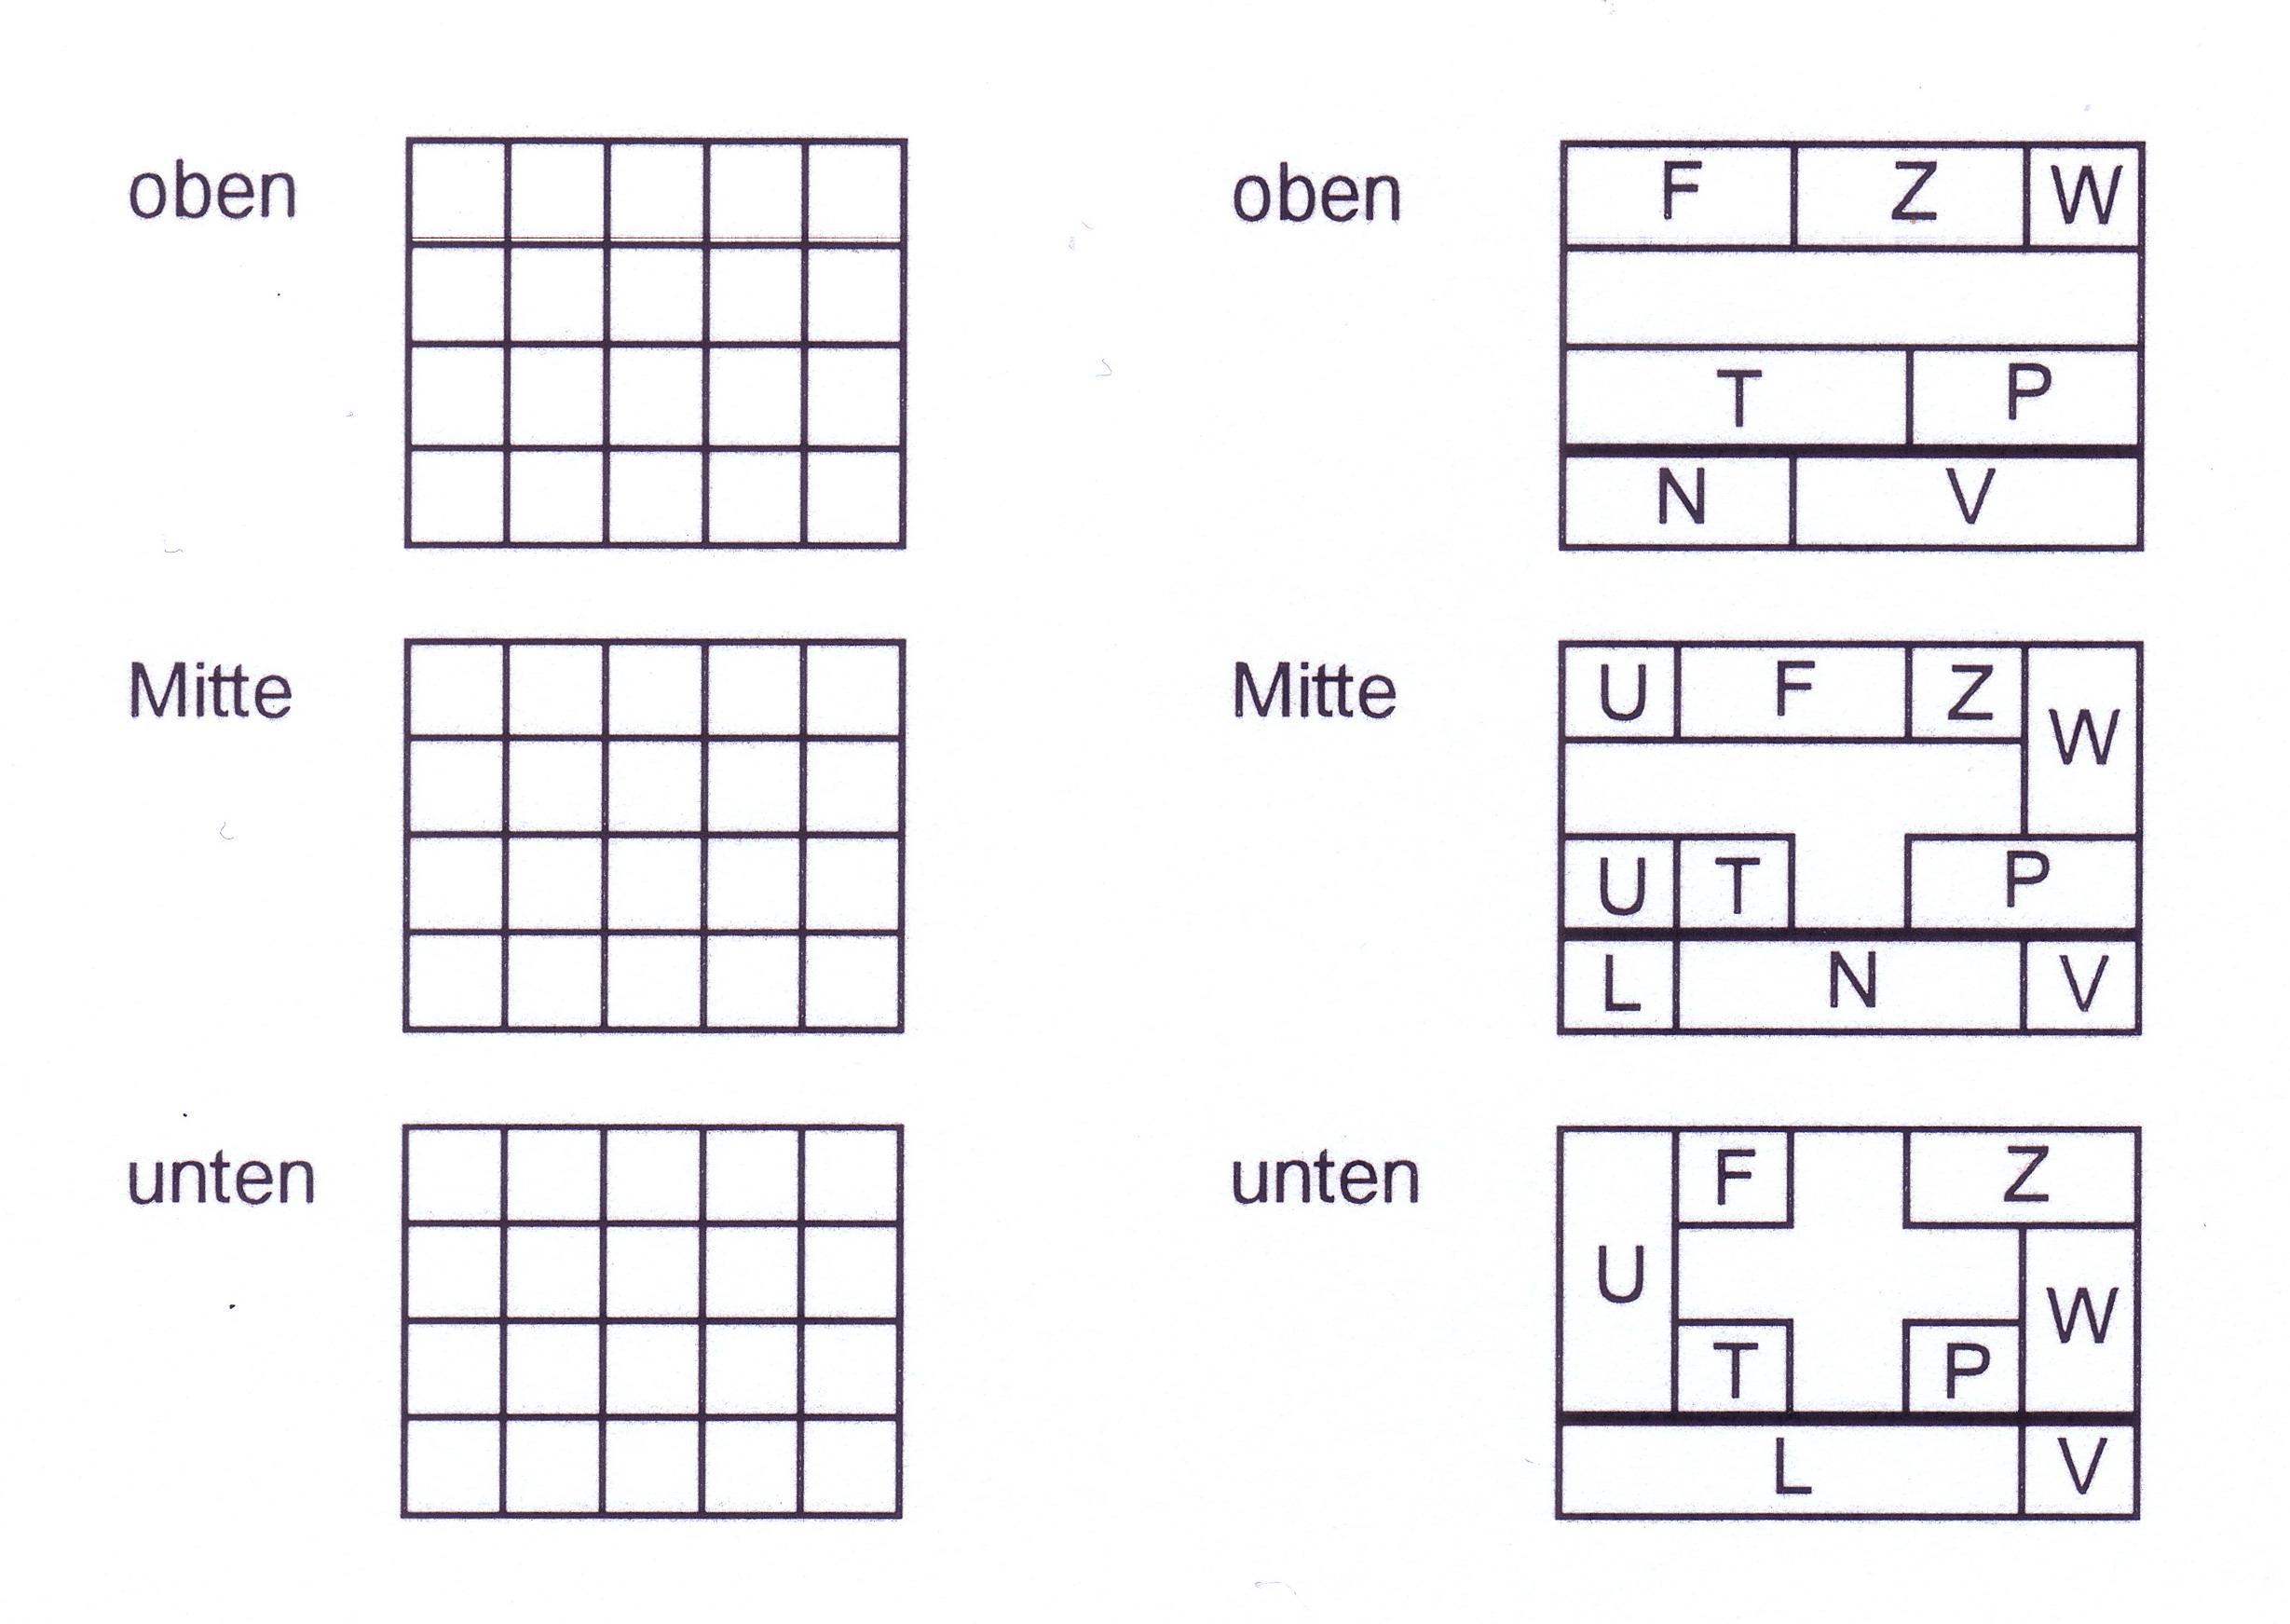 Pentomino - Polymino - Würfel - Soma - Puzzle - Knobelspiel - Shop ...